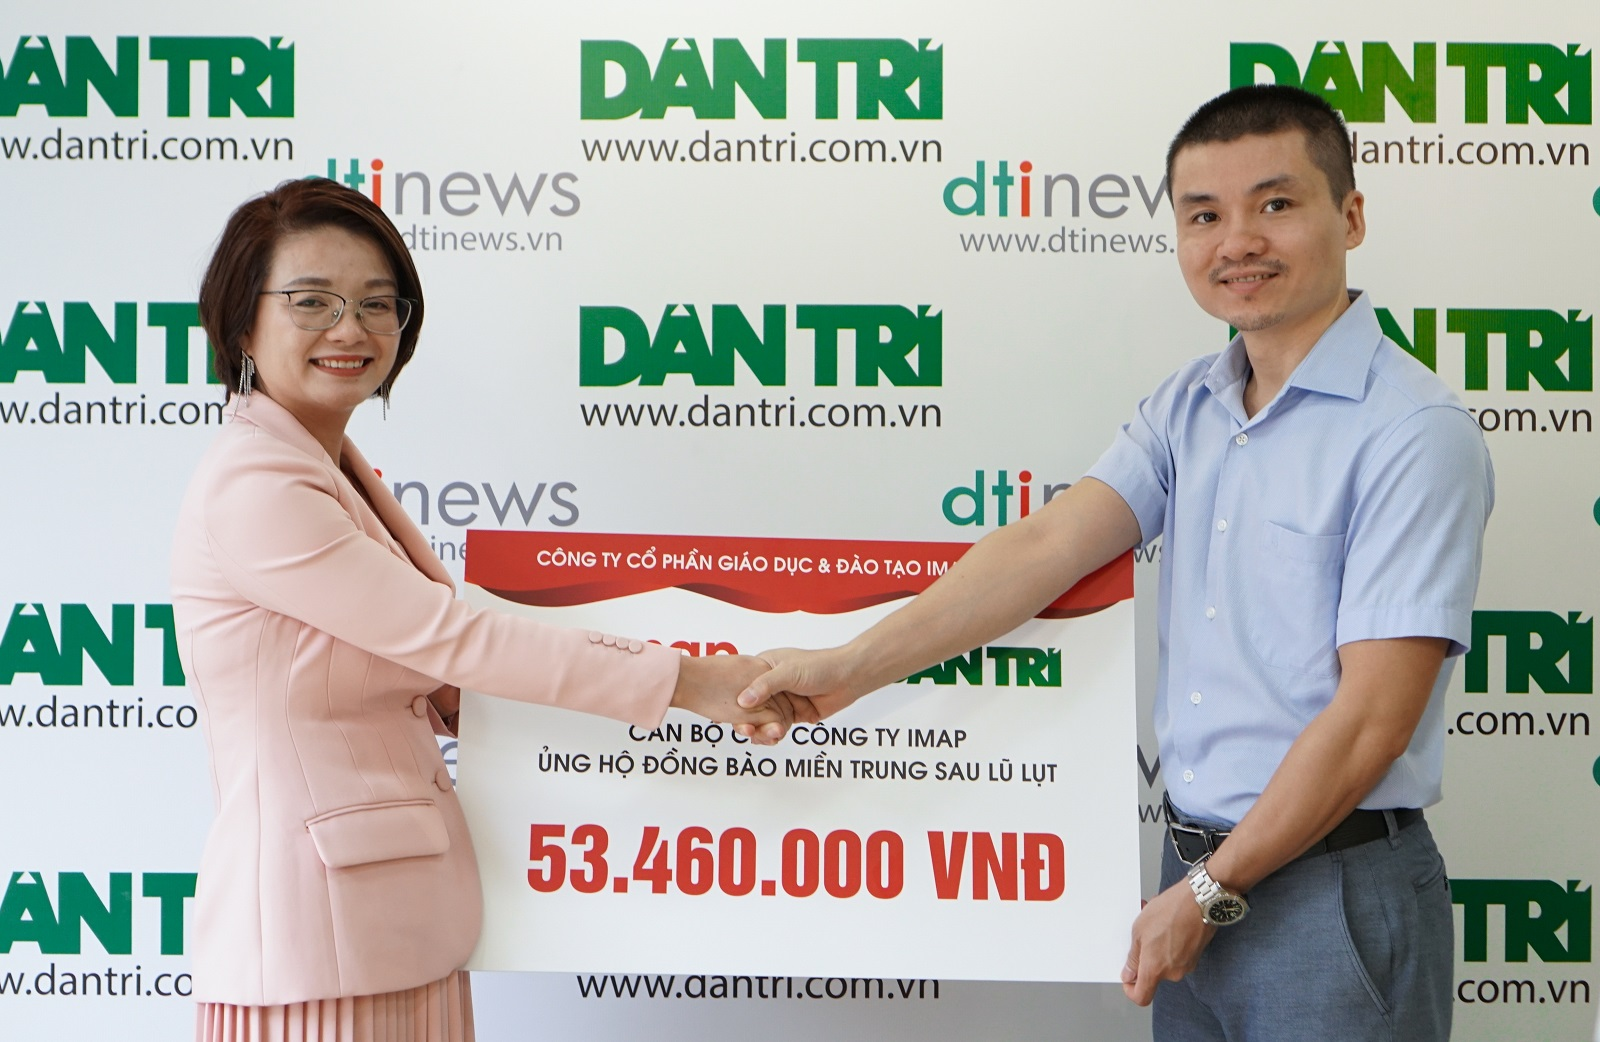 [Dantri] - IMAP tiếp sức đồng bào miền Trung tái thiết cuộc sống sau bão lũ